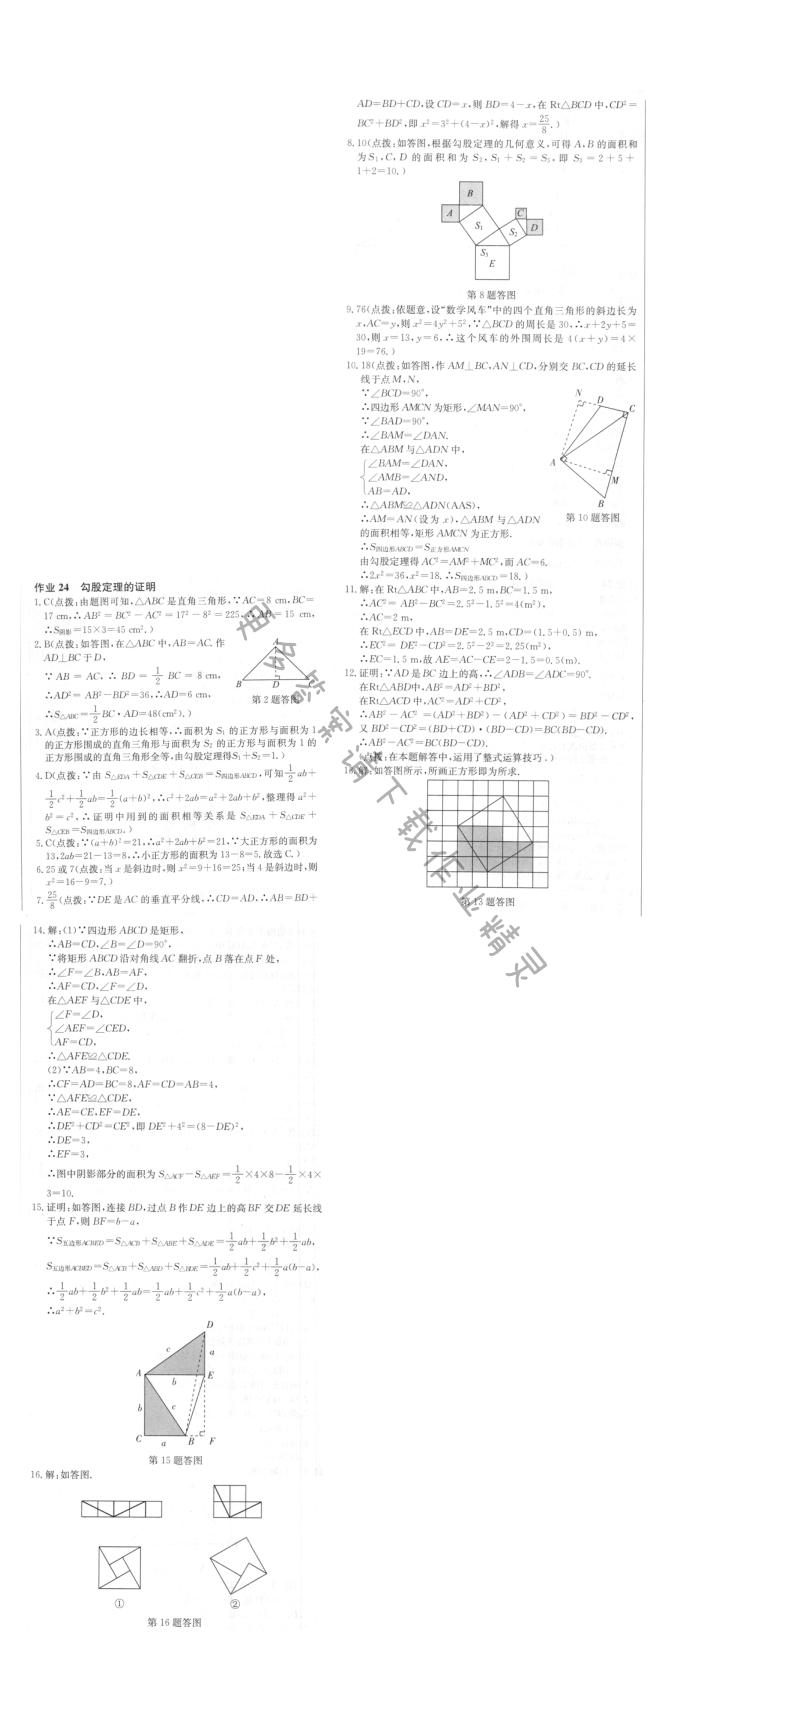 启东中学作业本八年级数学上册江苏版 作业24